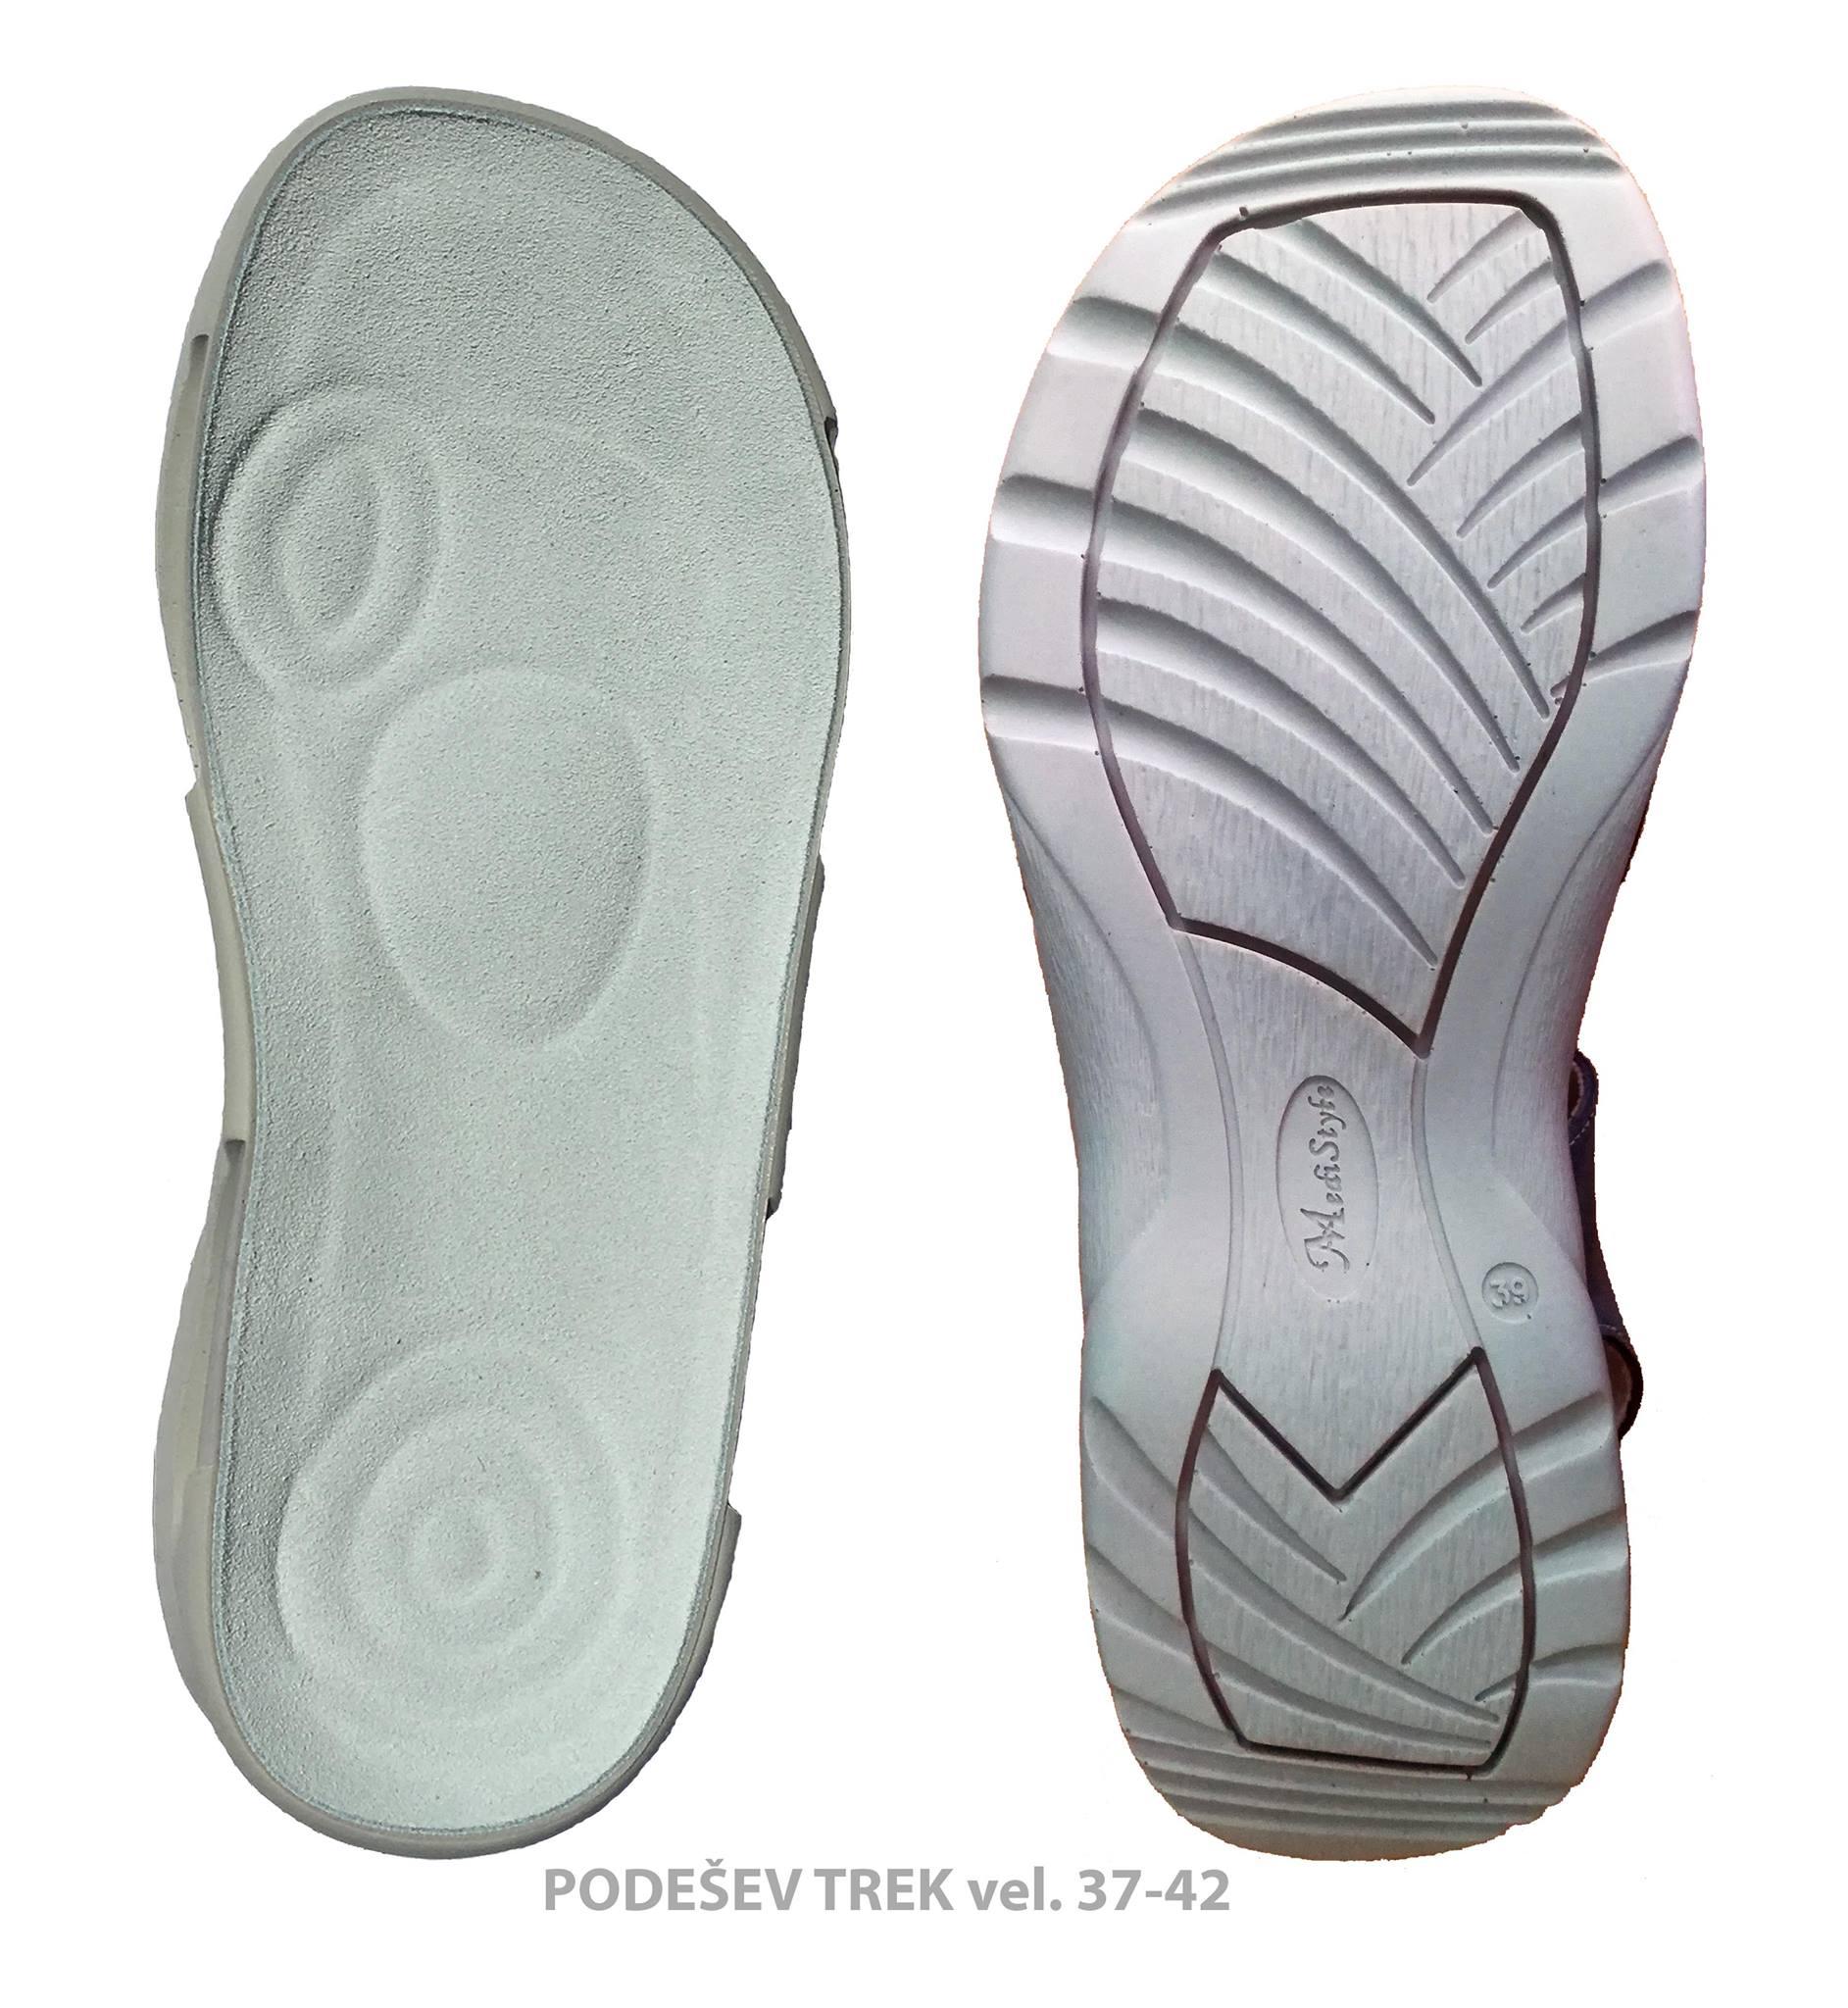 Popis · Související zboží · Komentáře (0) · Parametry. Zdravotní dámská  relaxační obuv. 06ccc3057a2